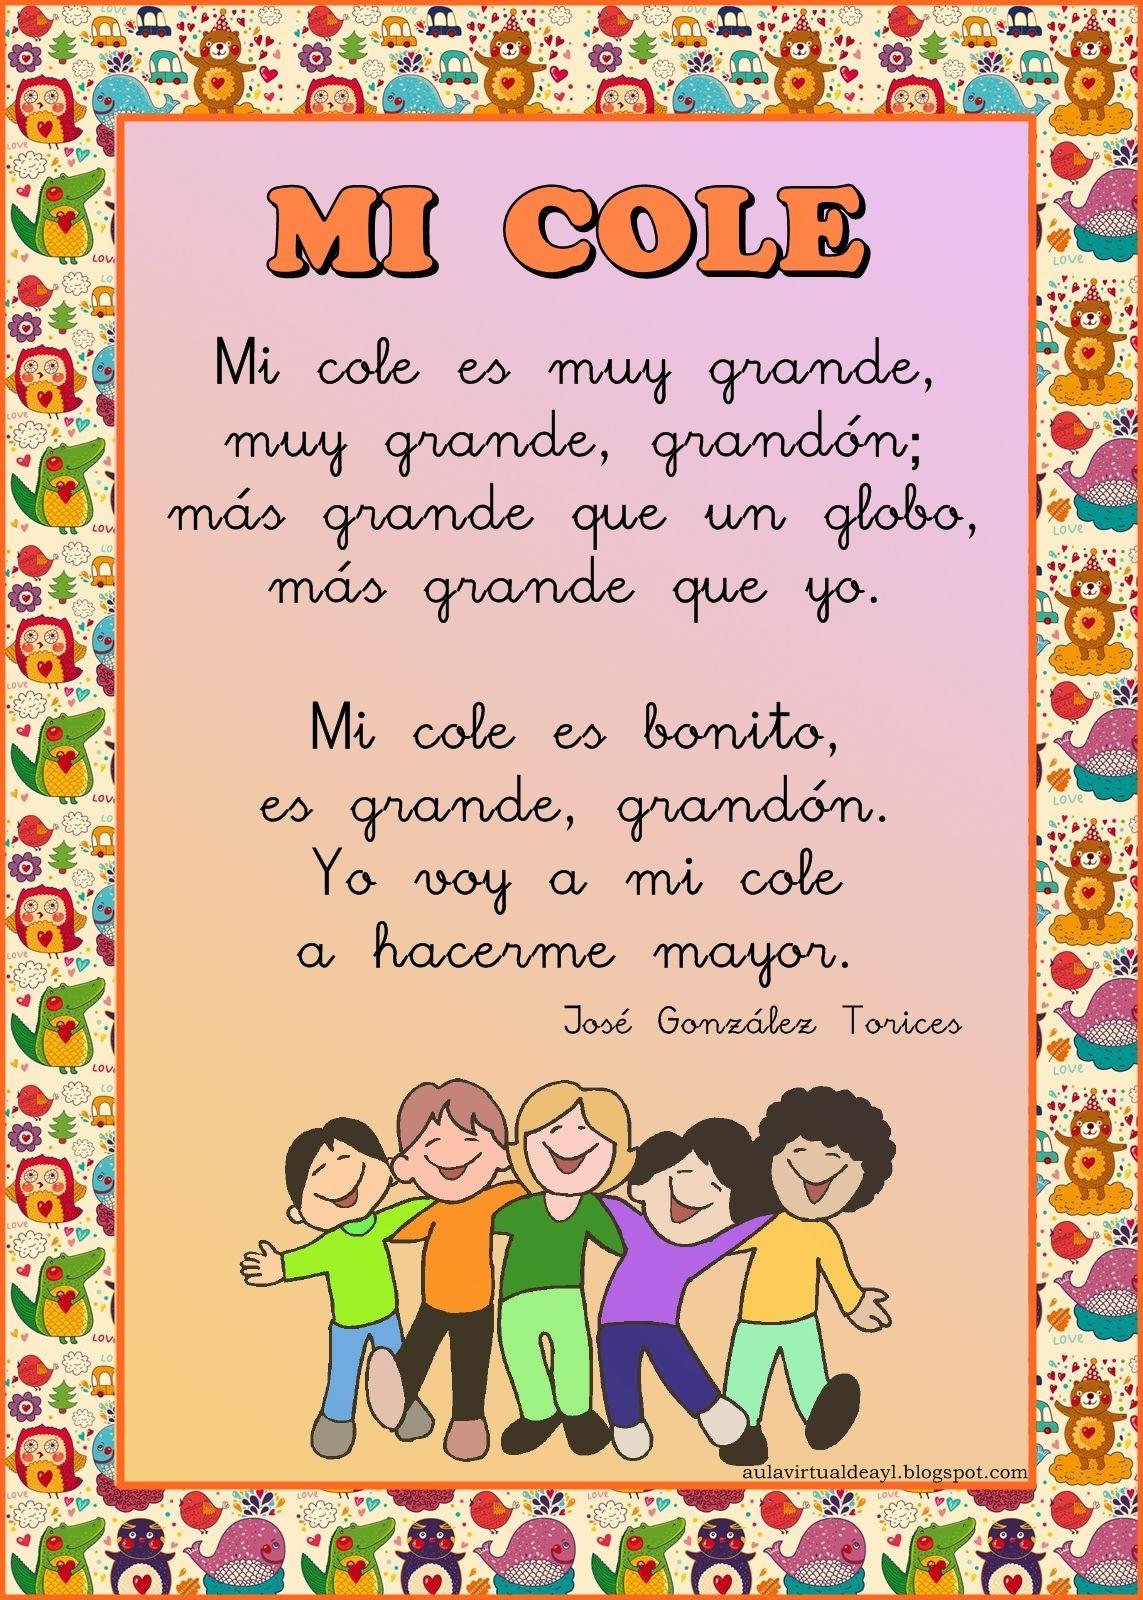 Aula virtual de audici n y lenguaje poemas para la vuelta for Cancion de bienvenida al jardin